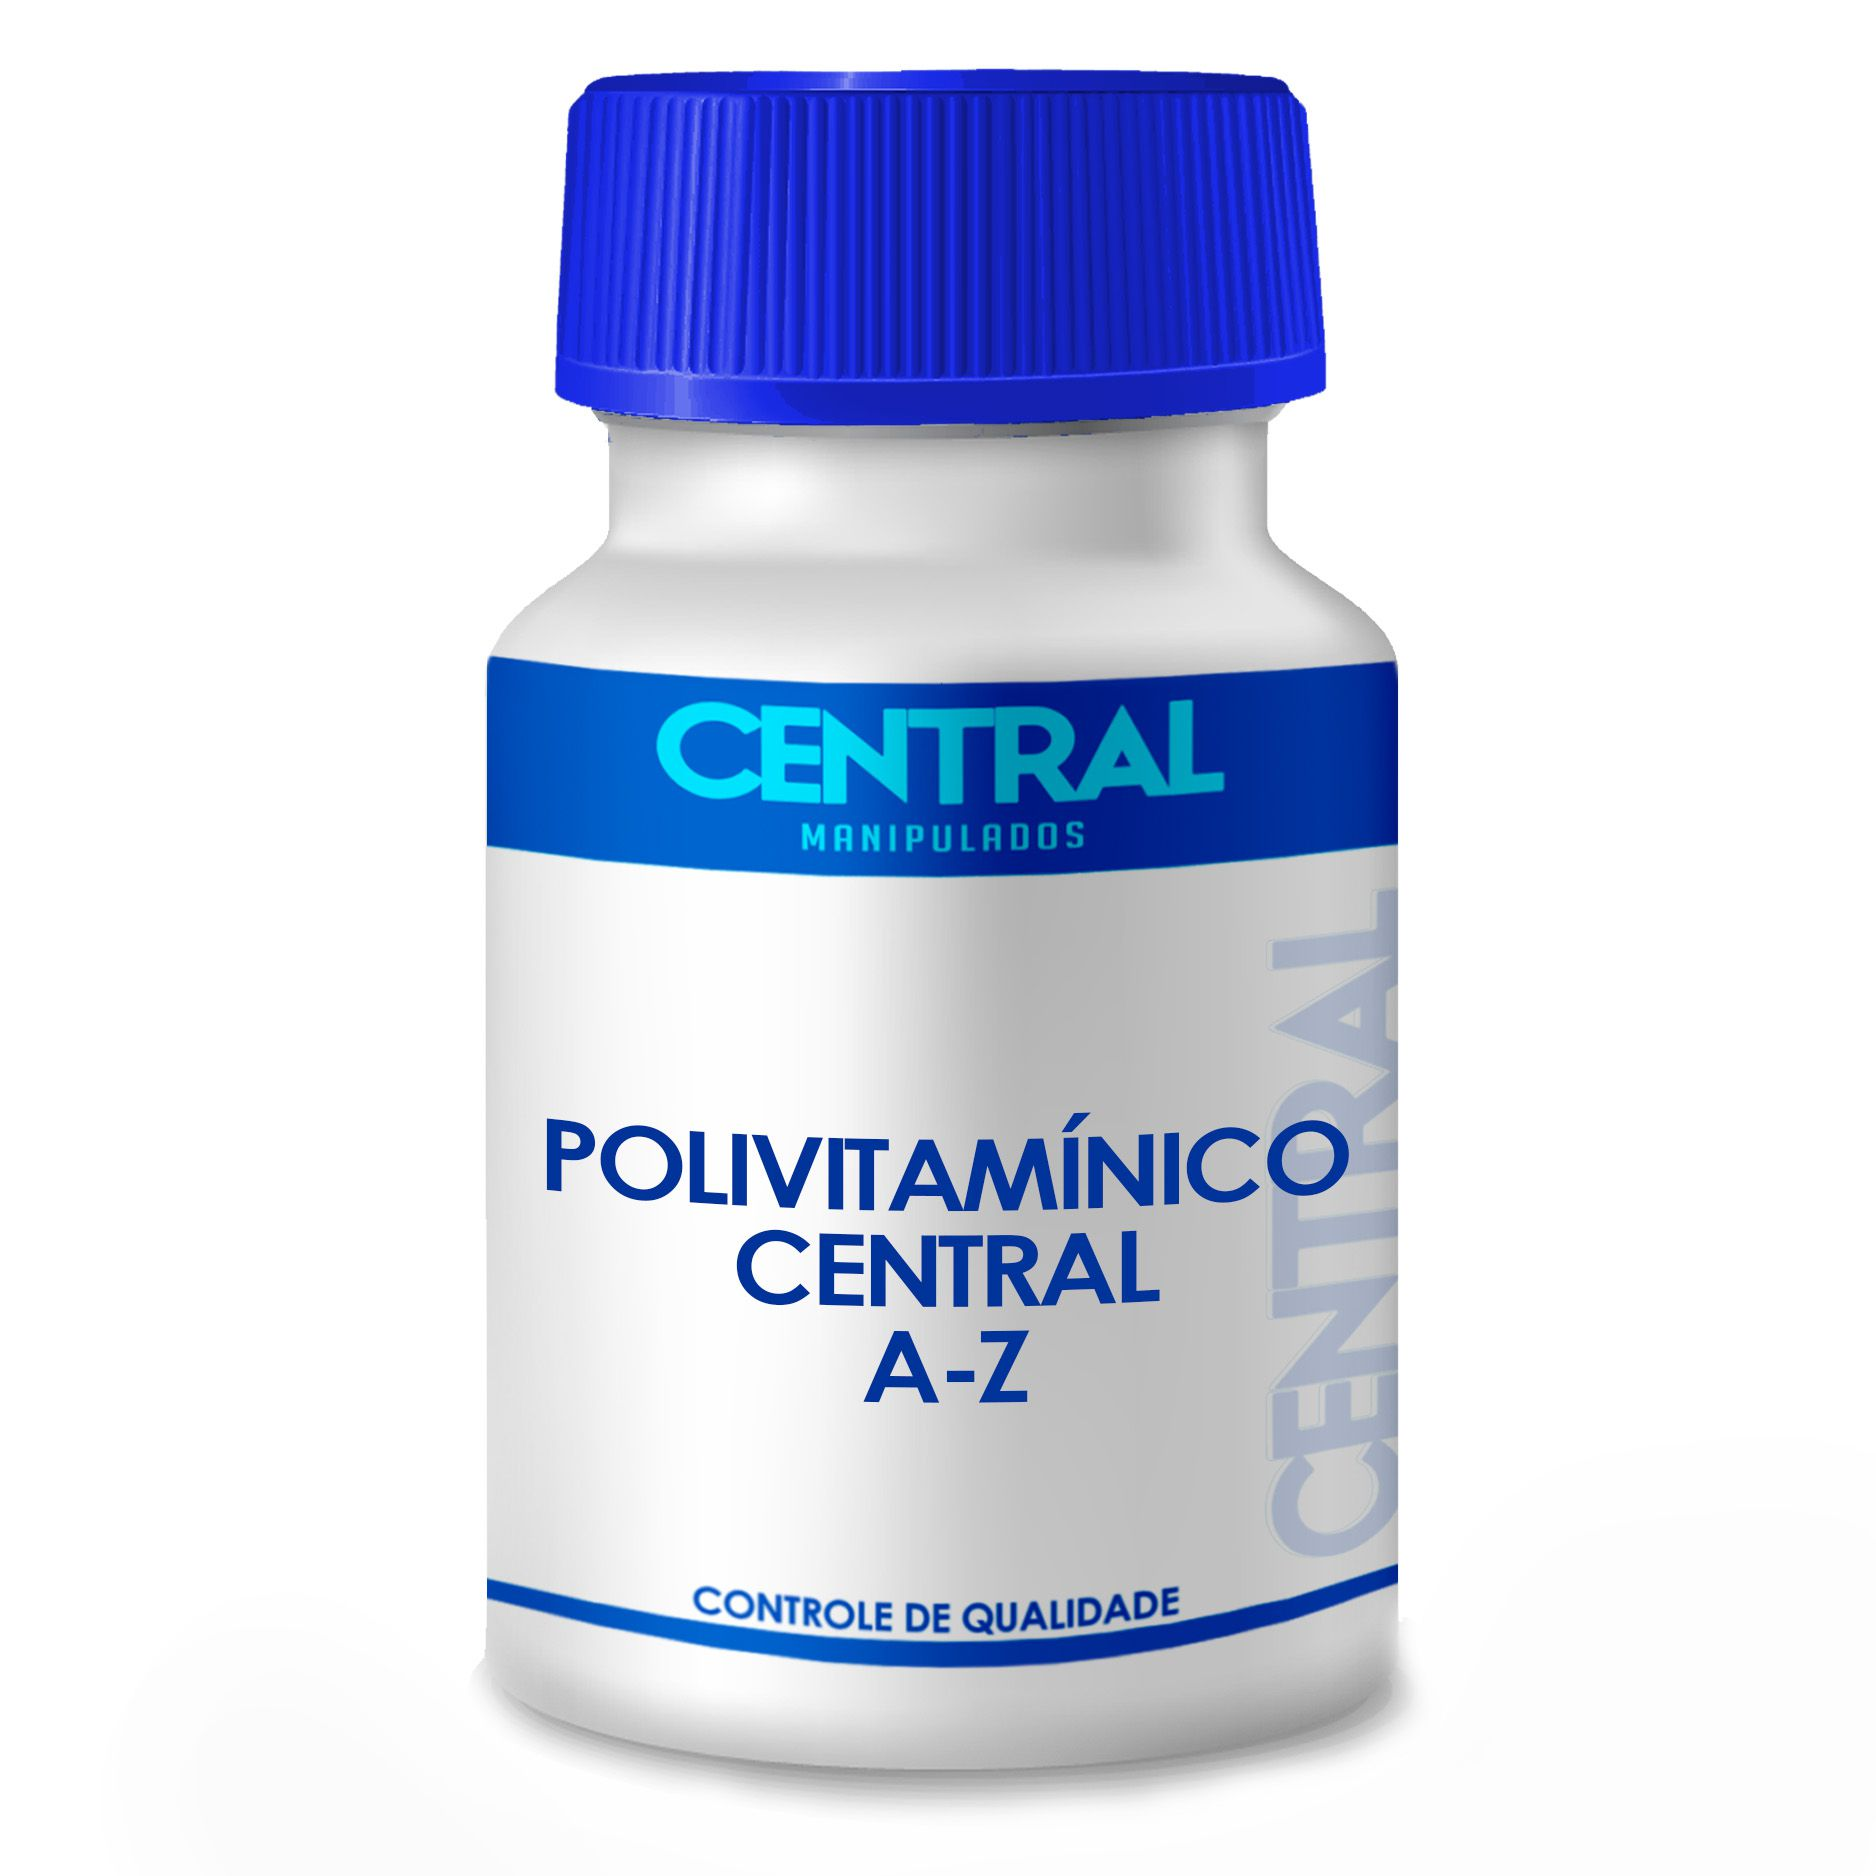 Polivitamínico Central A-Z